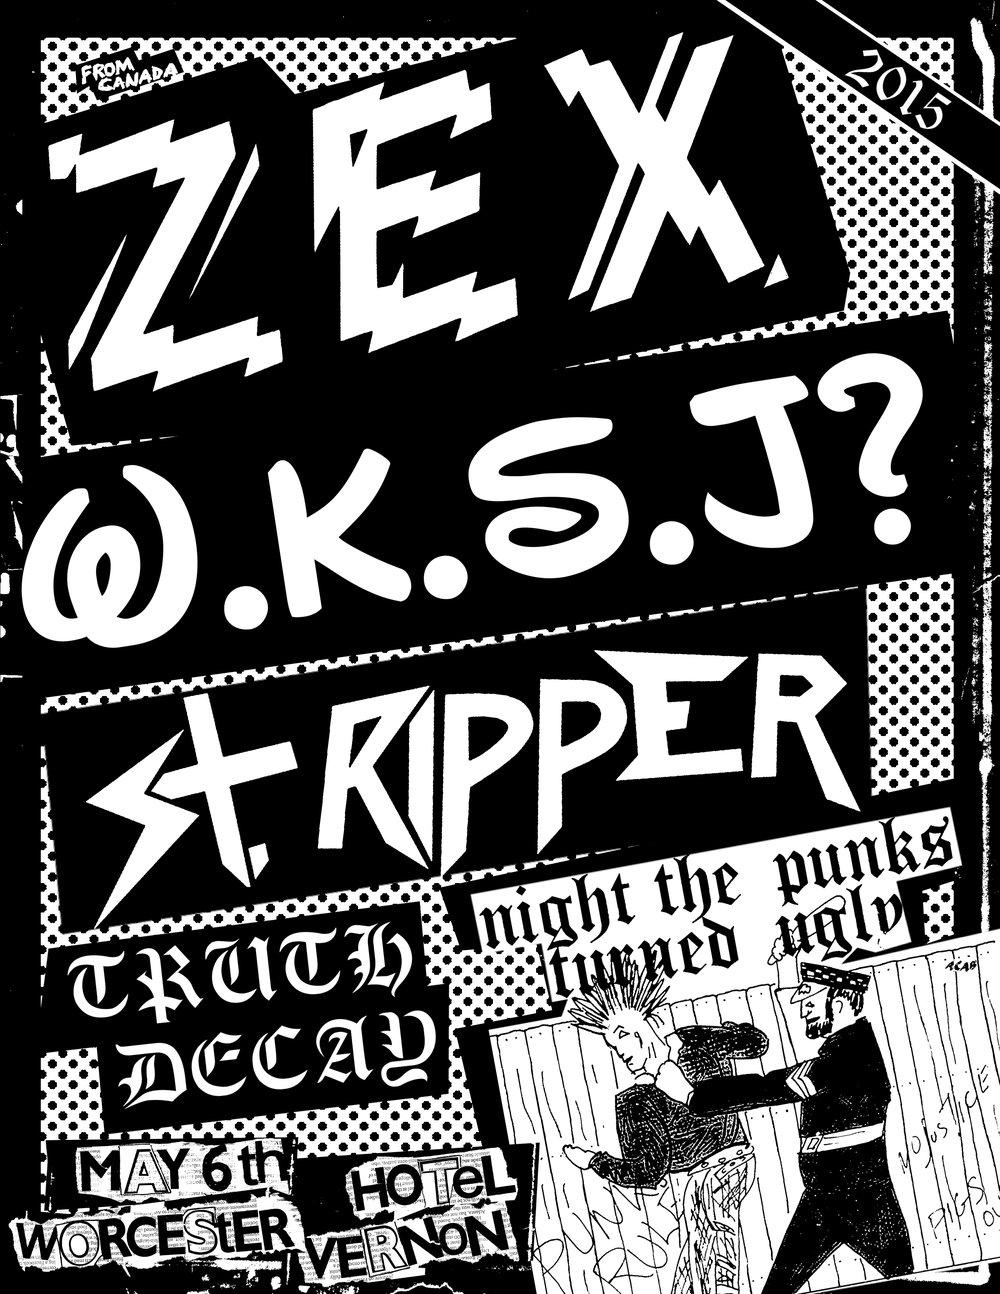 flyer-15.05.06-worcester-zex.jpg